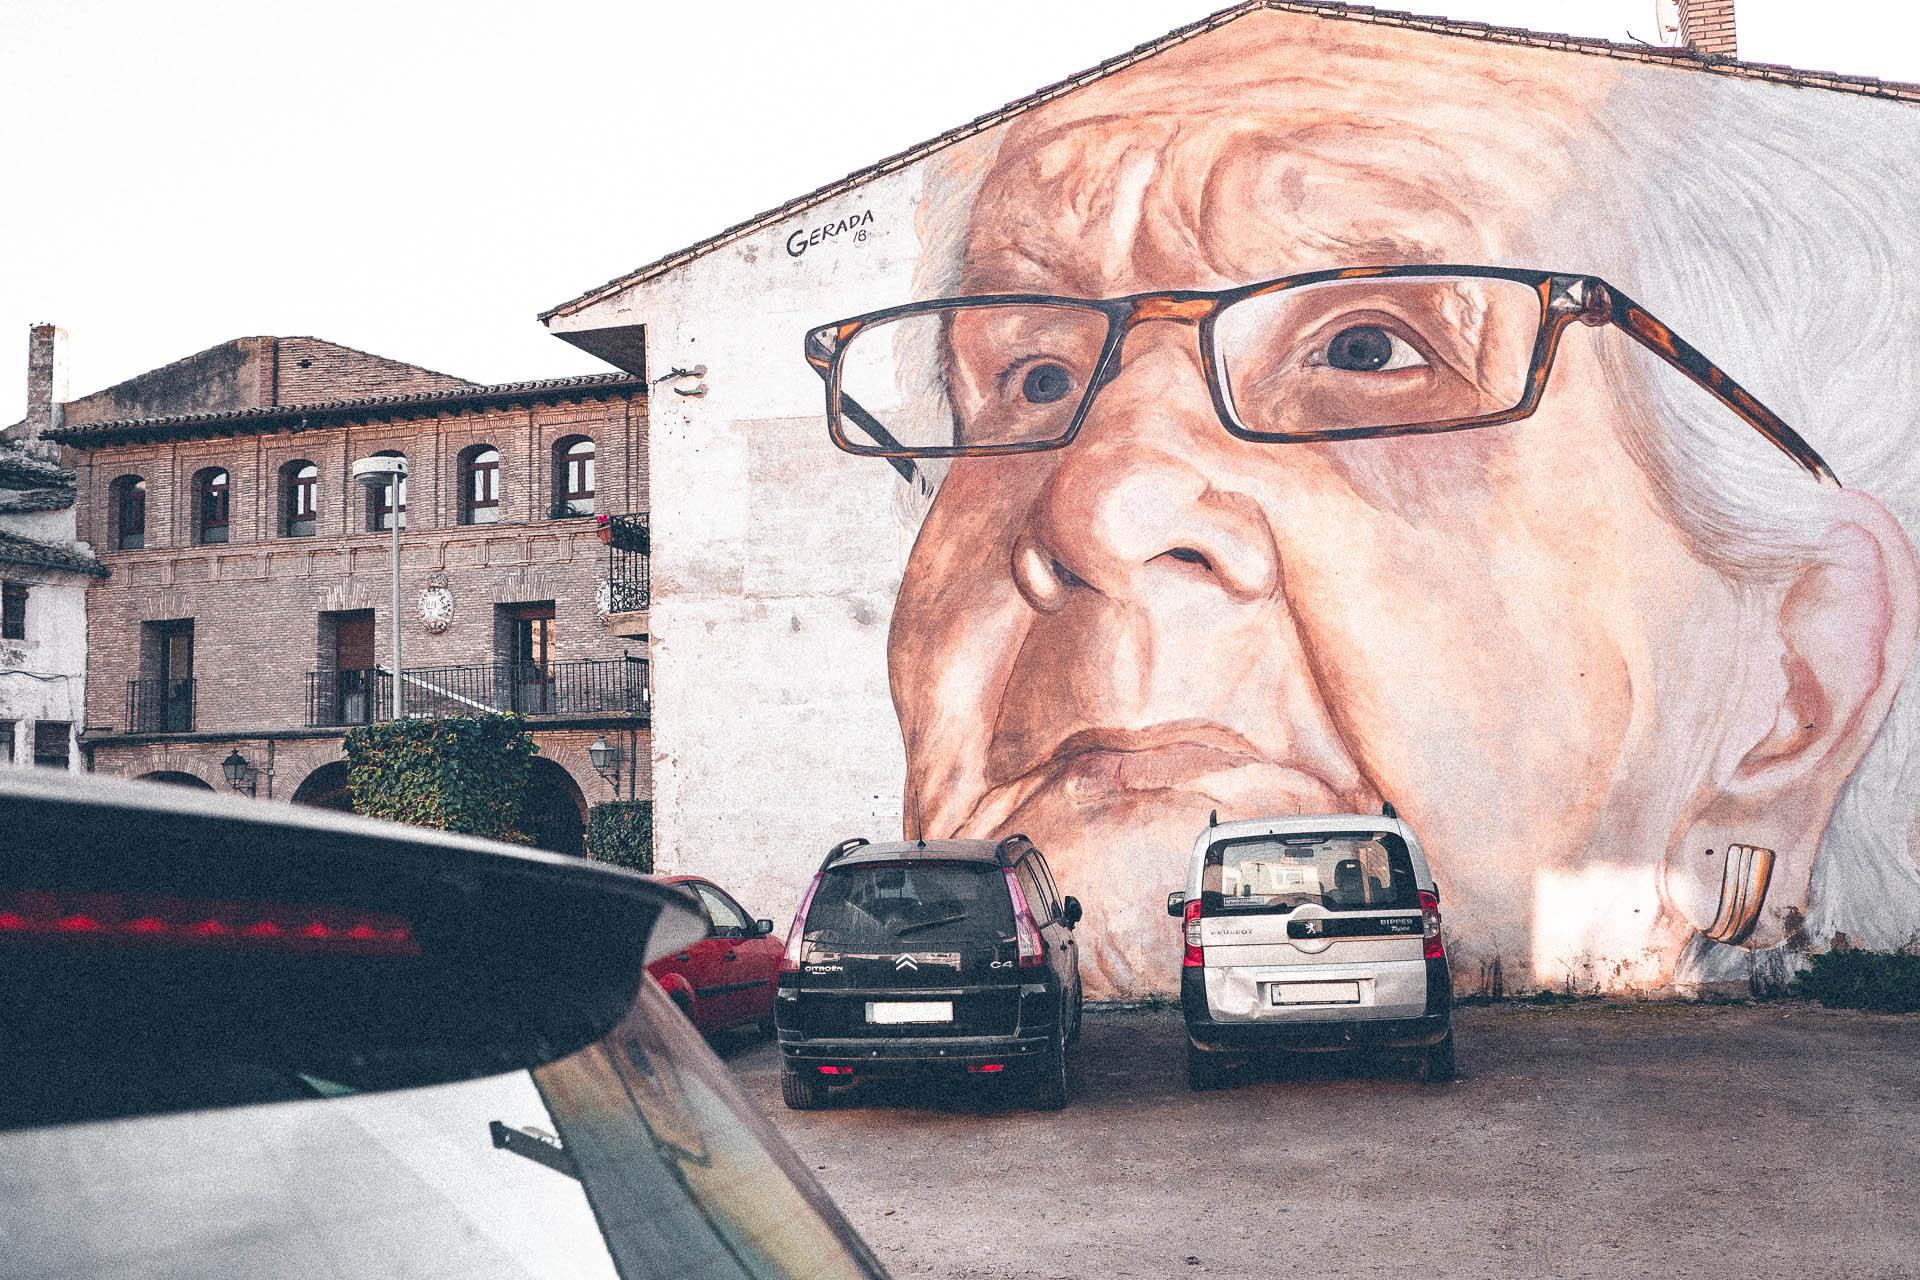 Streetart in Arguedas